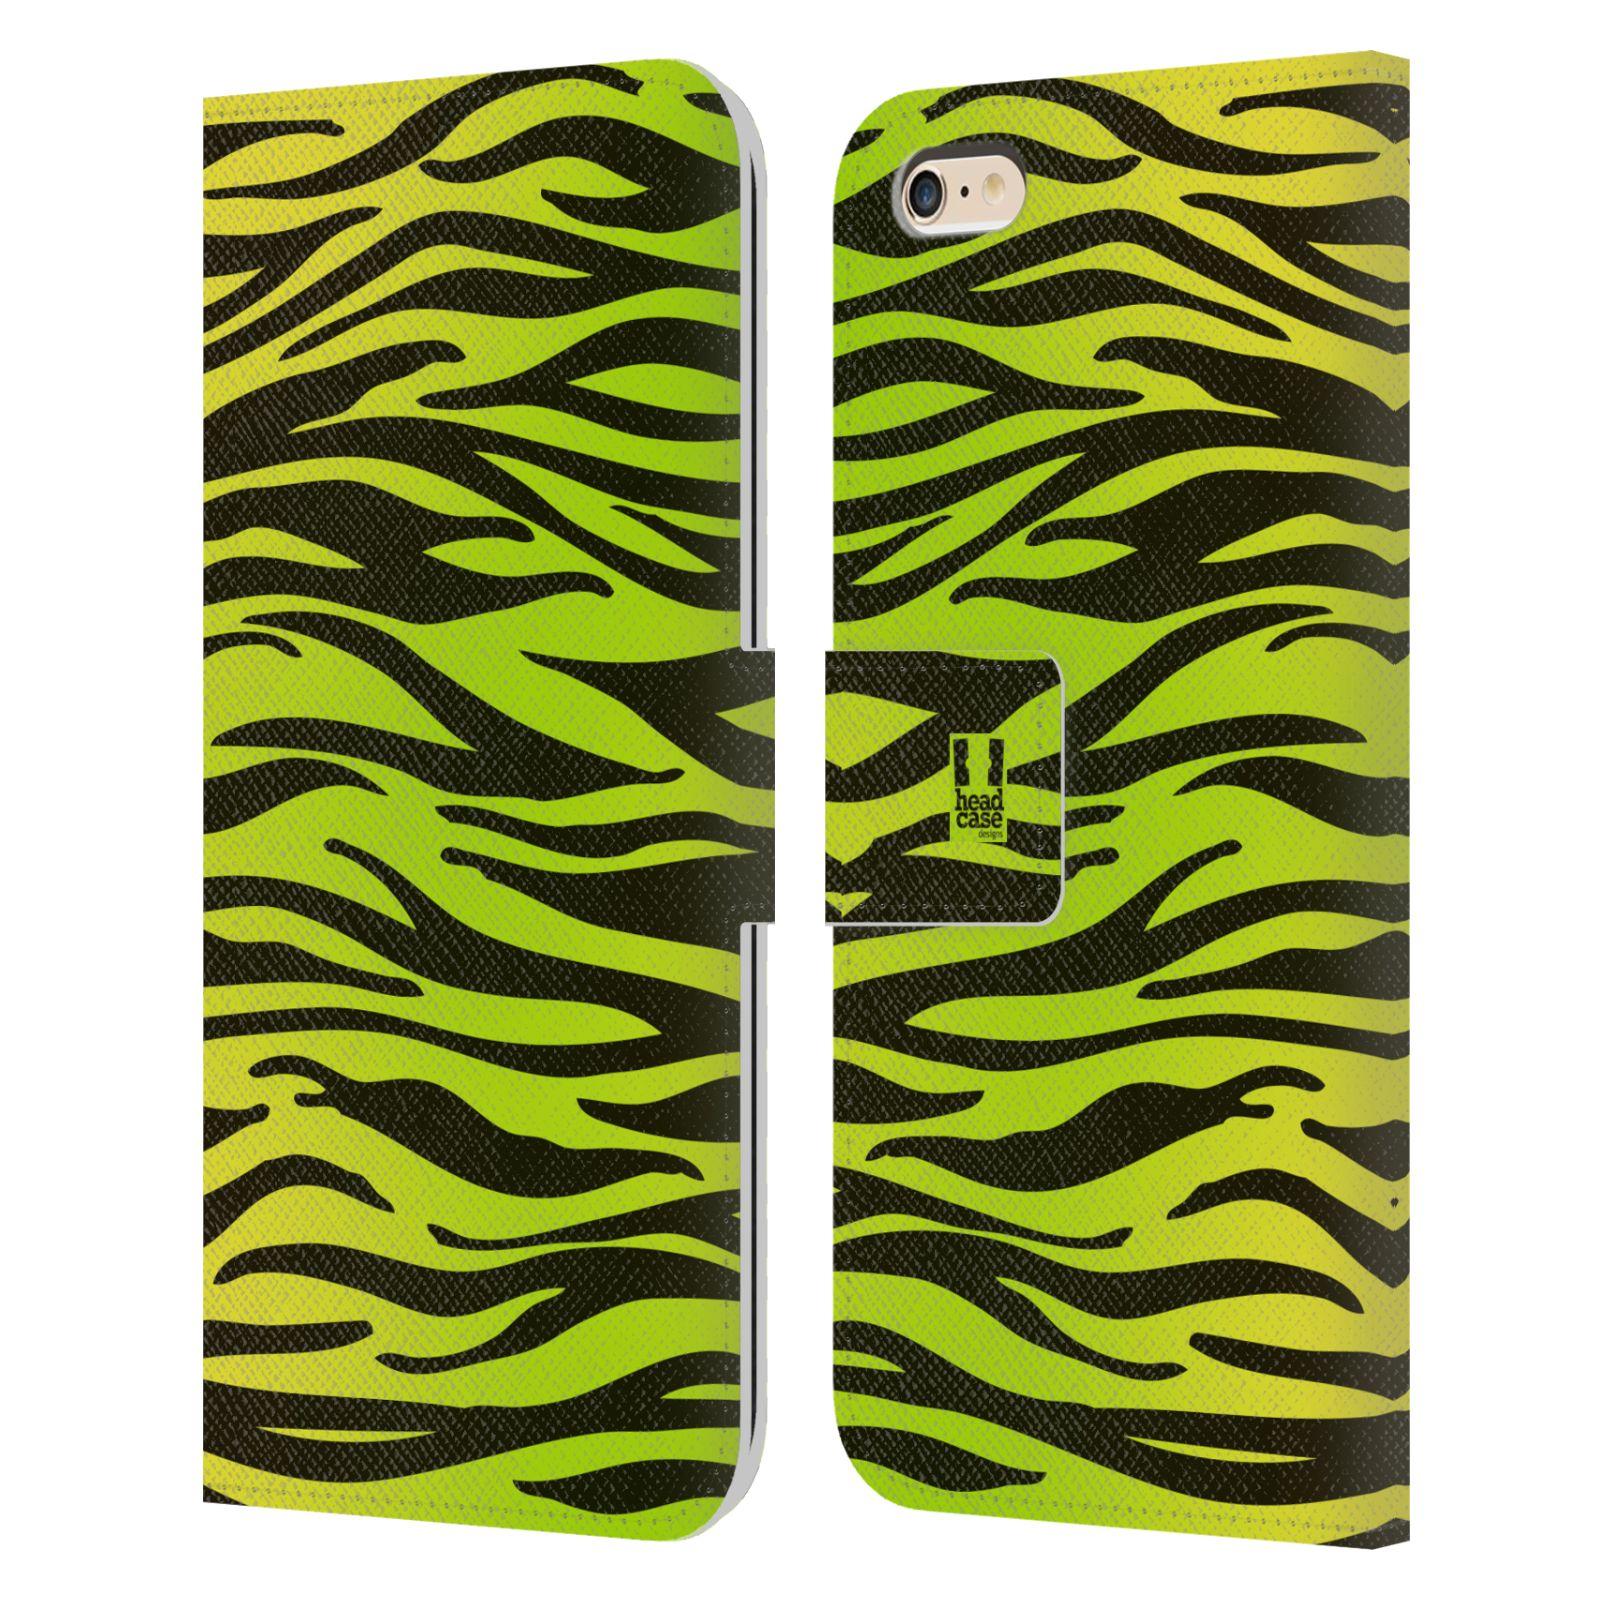 HEAD CASE Flipové pouzdro pro mobil Apple Iphone 6 PLUS / 6S PLUS Zvířecí barevné vzory žlutozelená zebra